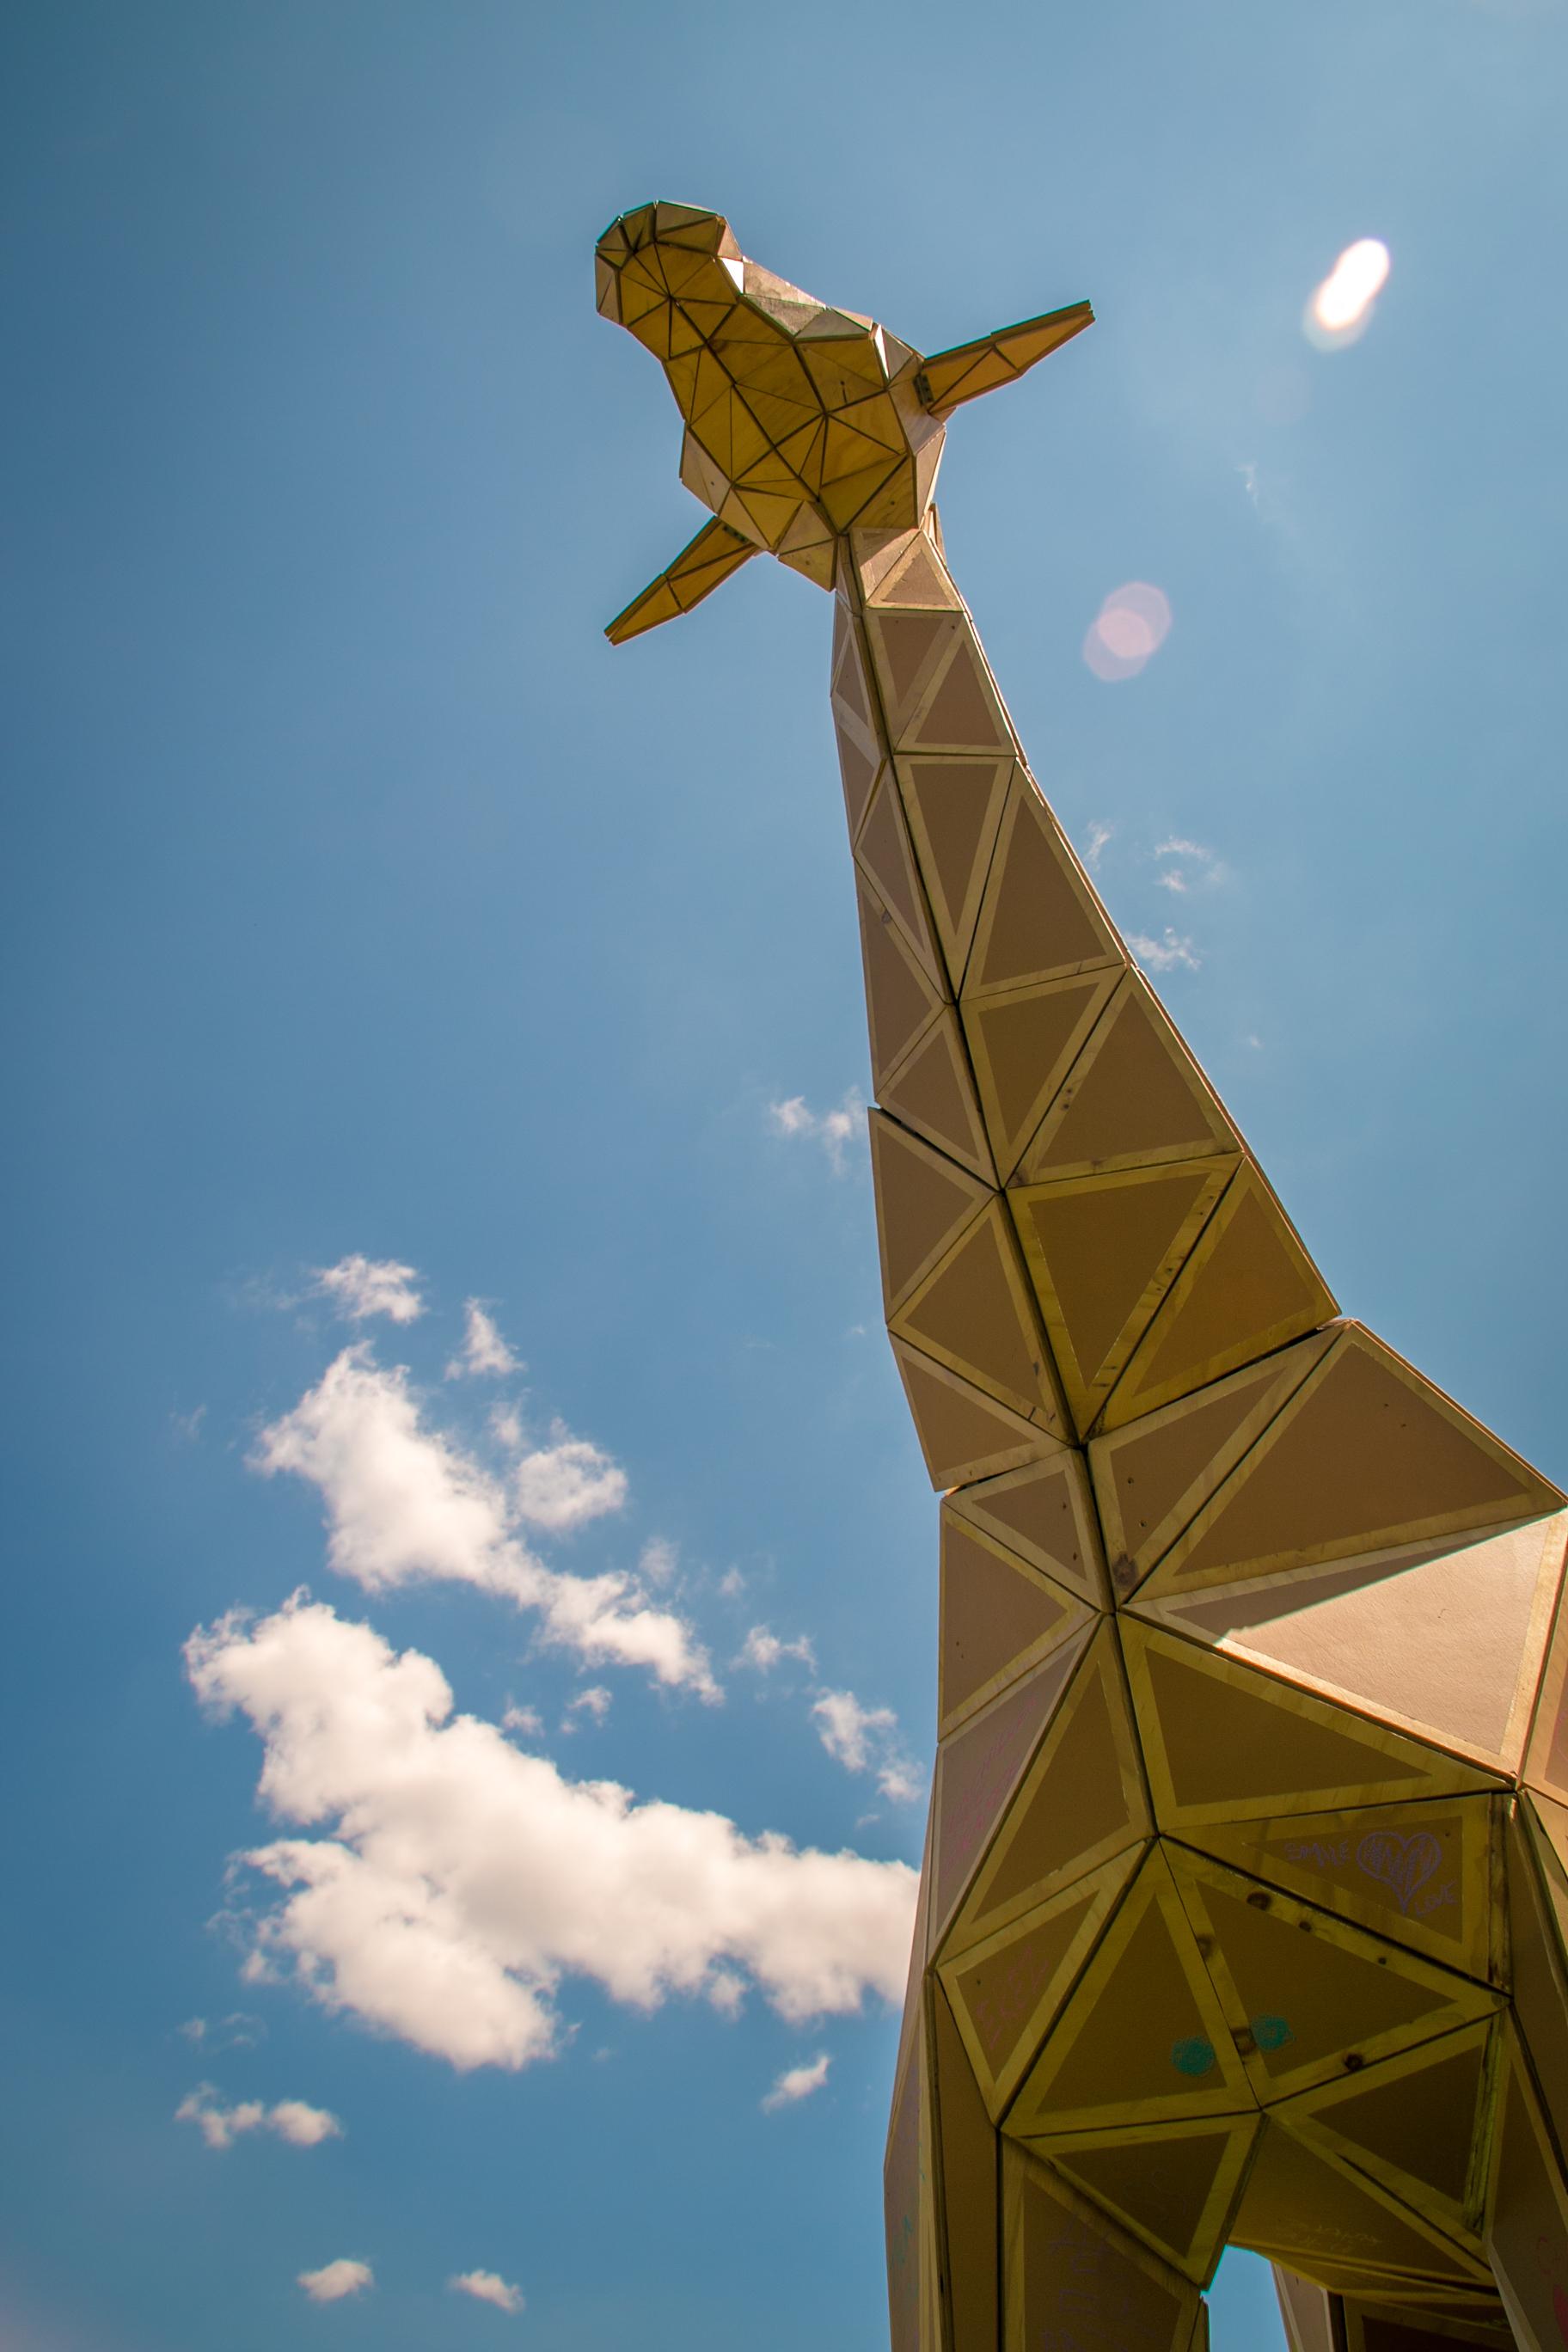 achilles the giraffe  (14 of 49).jpg